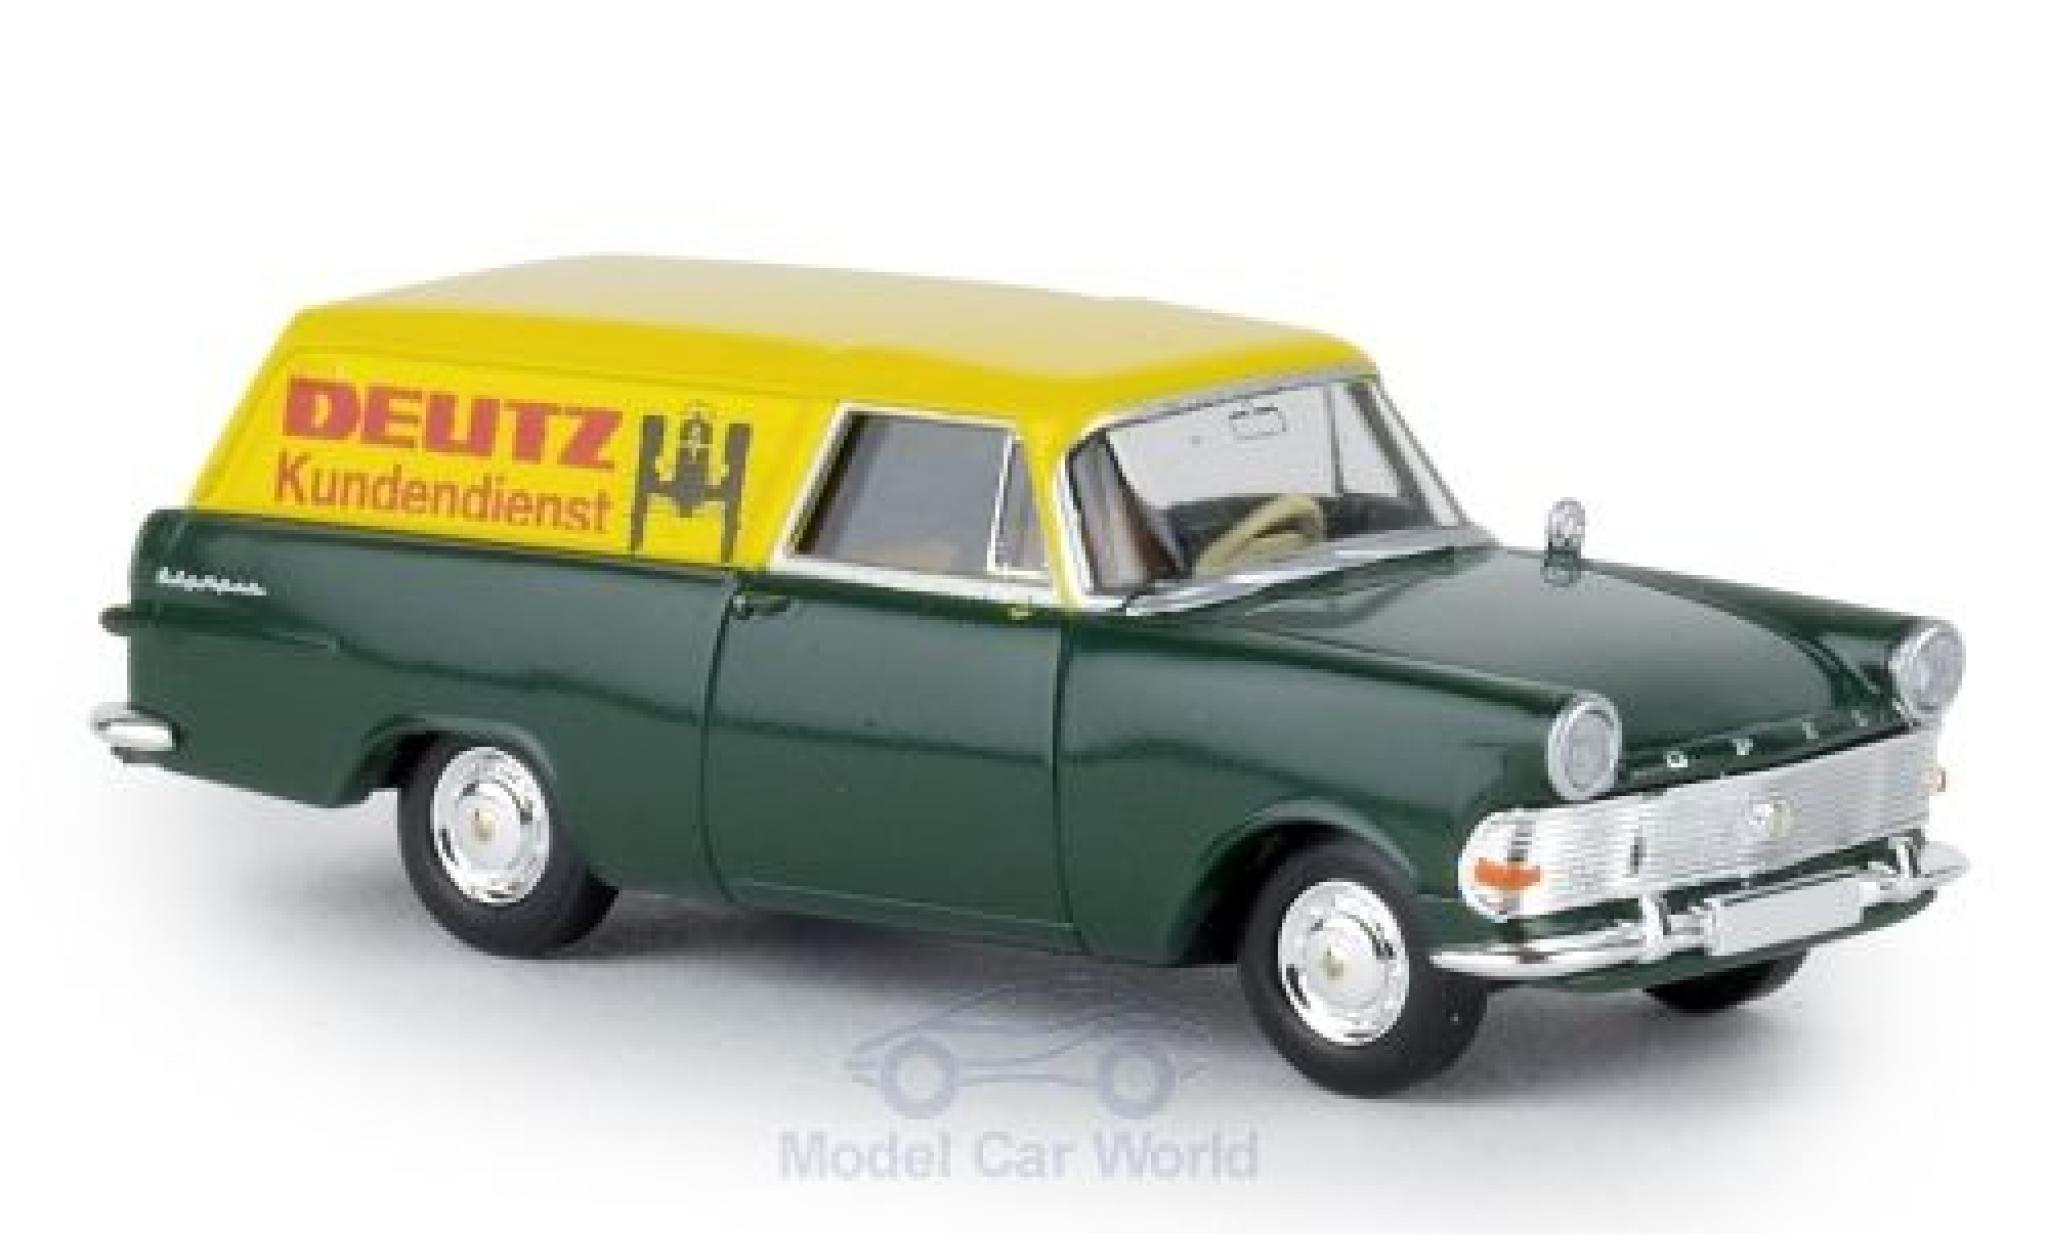 Opel Rekord 1/87 Brekina P2 Kasten Deutz Kundendienst